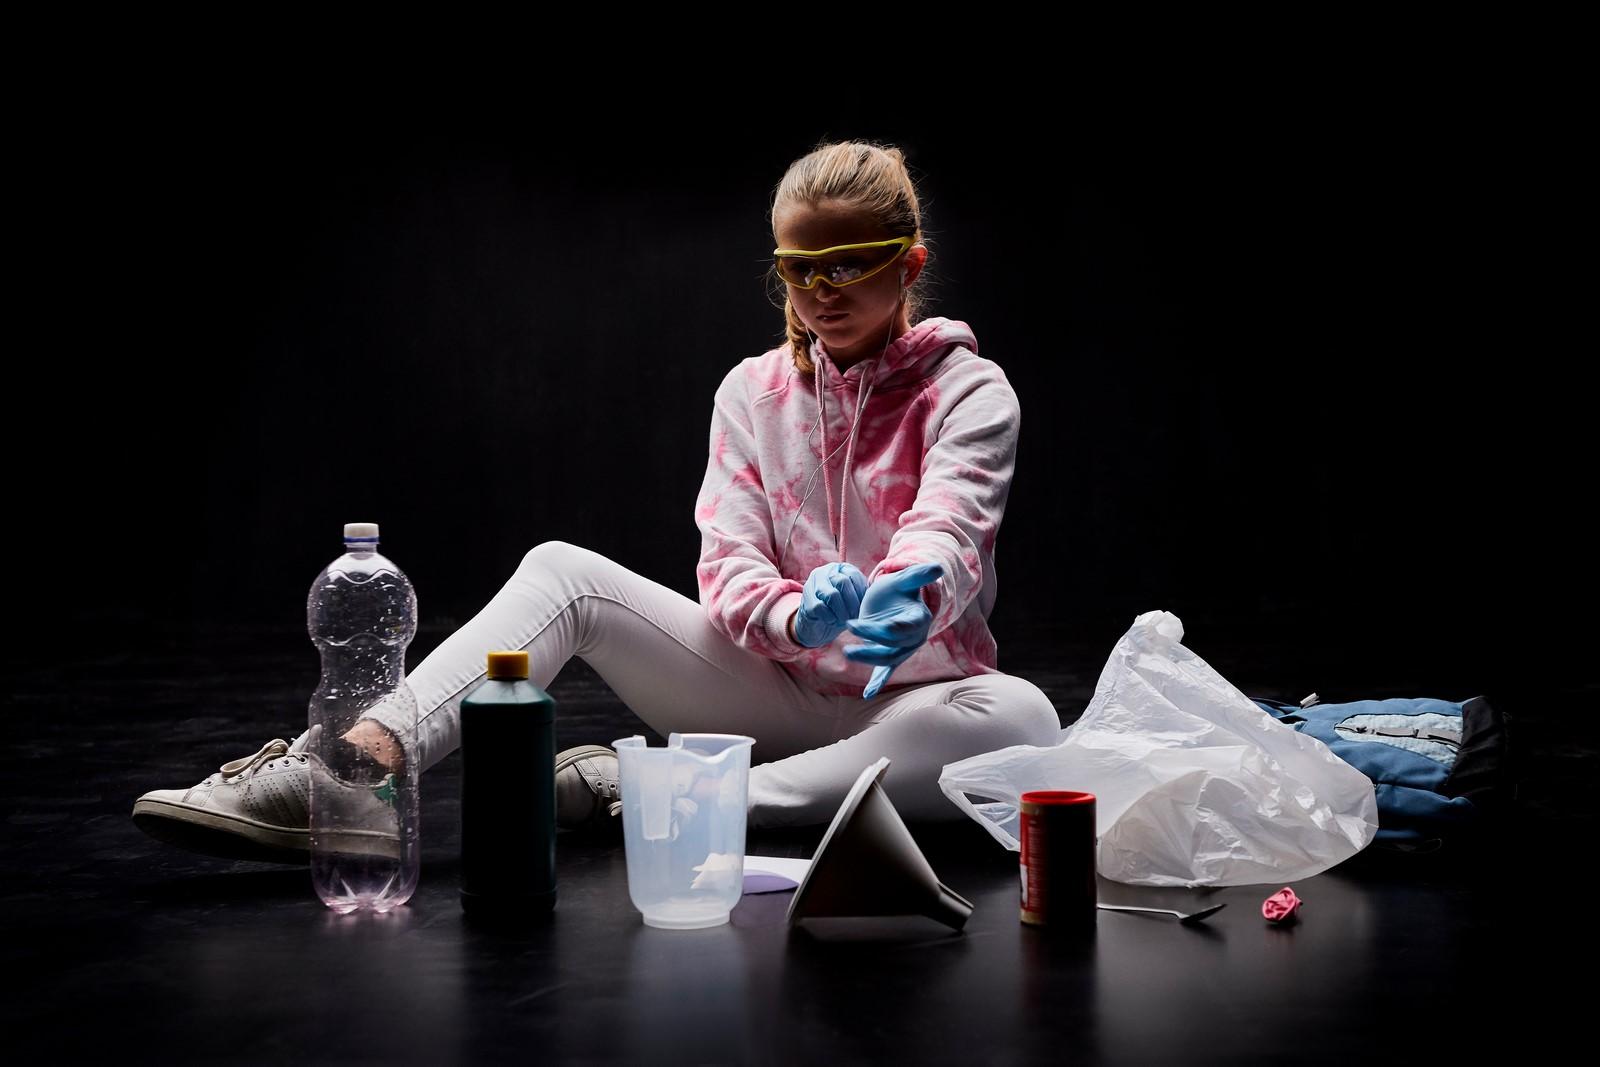 Anmeldelse: Pigen med bomberne, Mungo Park (Teatret st.tv. og Mungo Park)